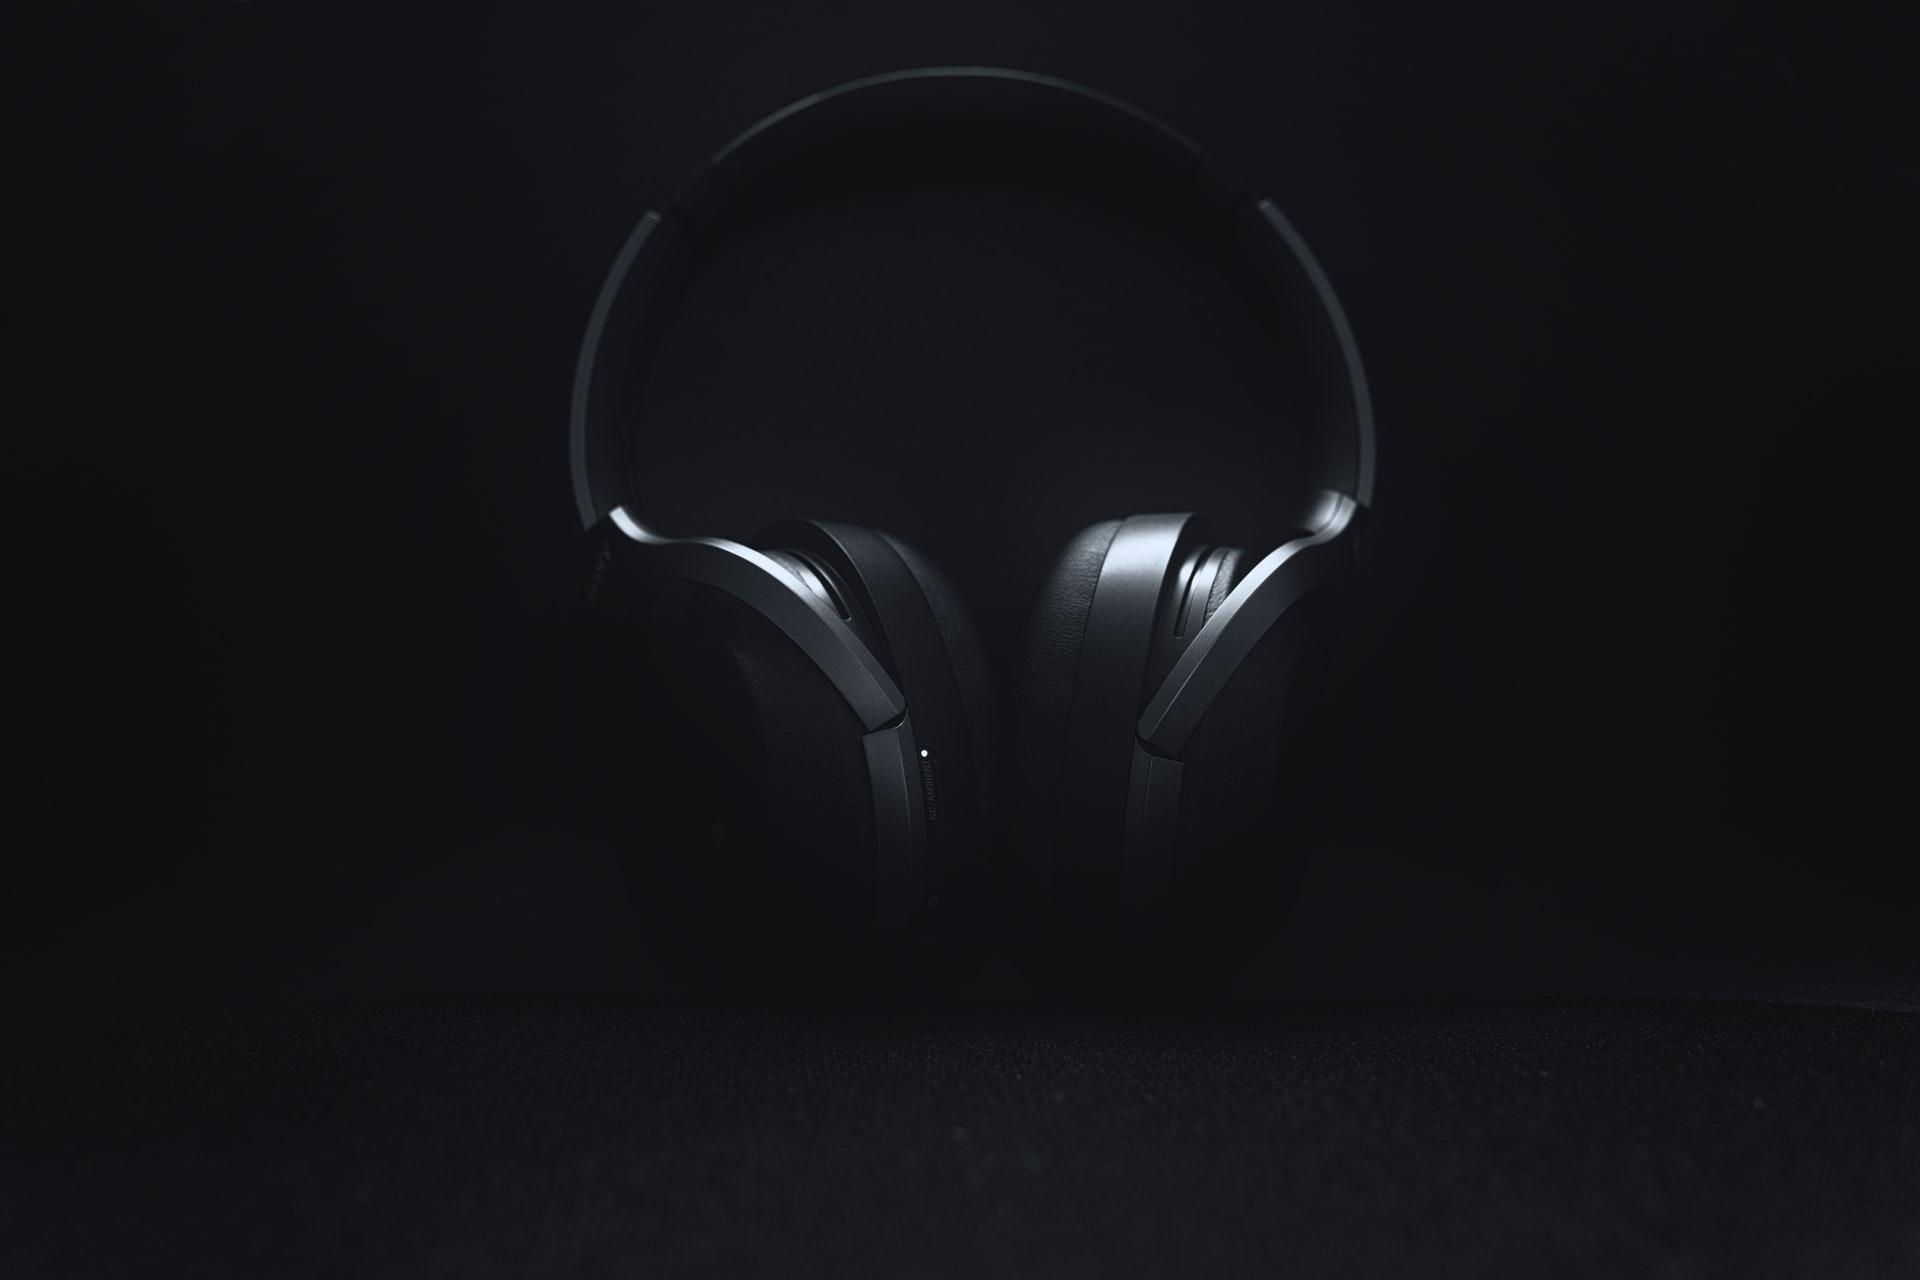 Trådløse høretelefoner er kommet for at blive